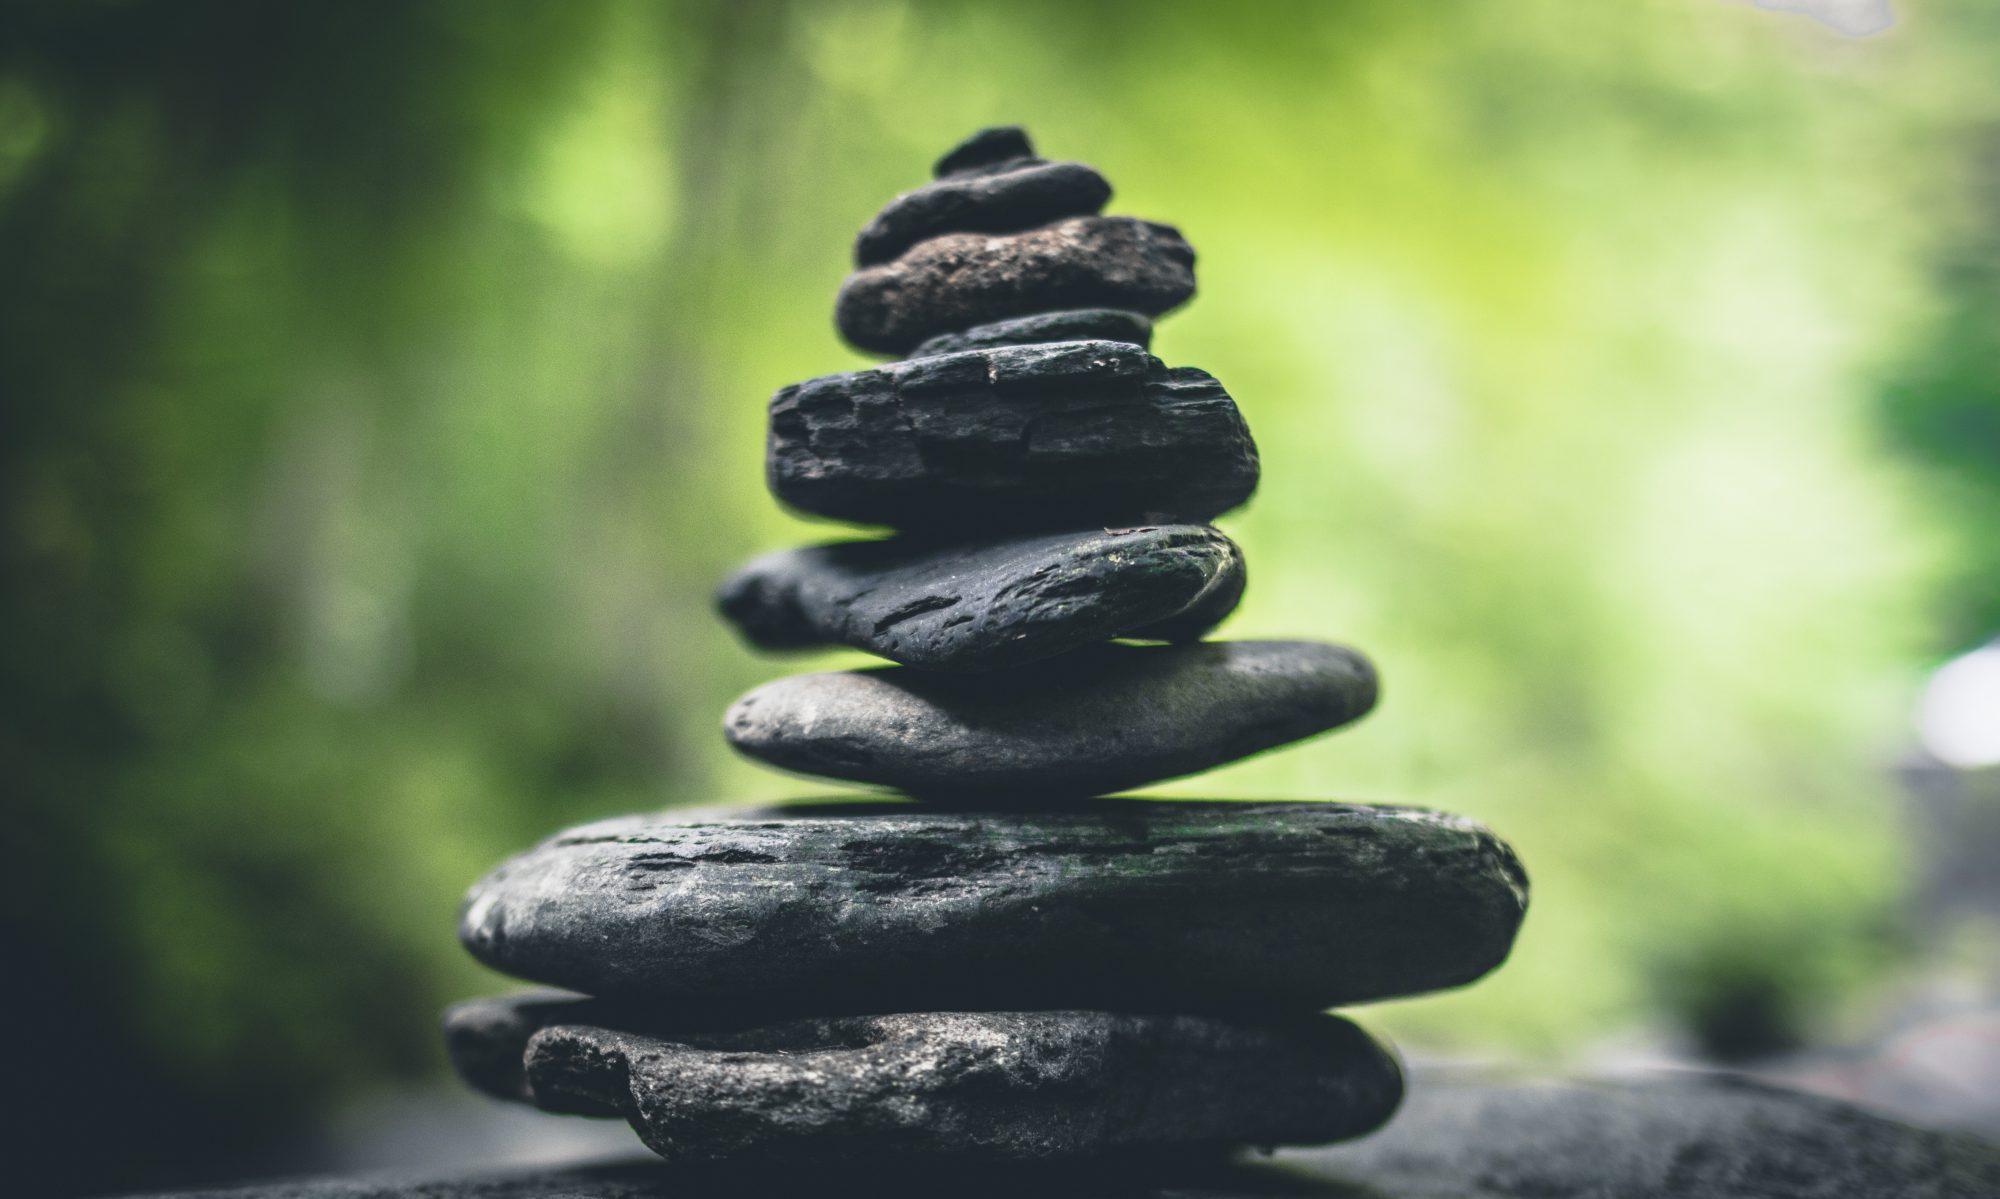 Développement personnel, méditation de la pleine conscience et découverte nature